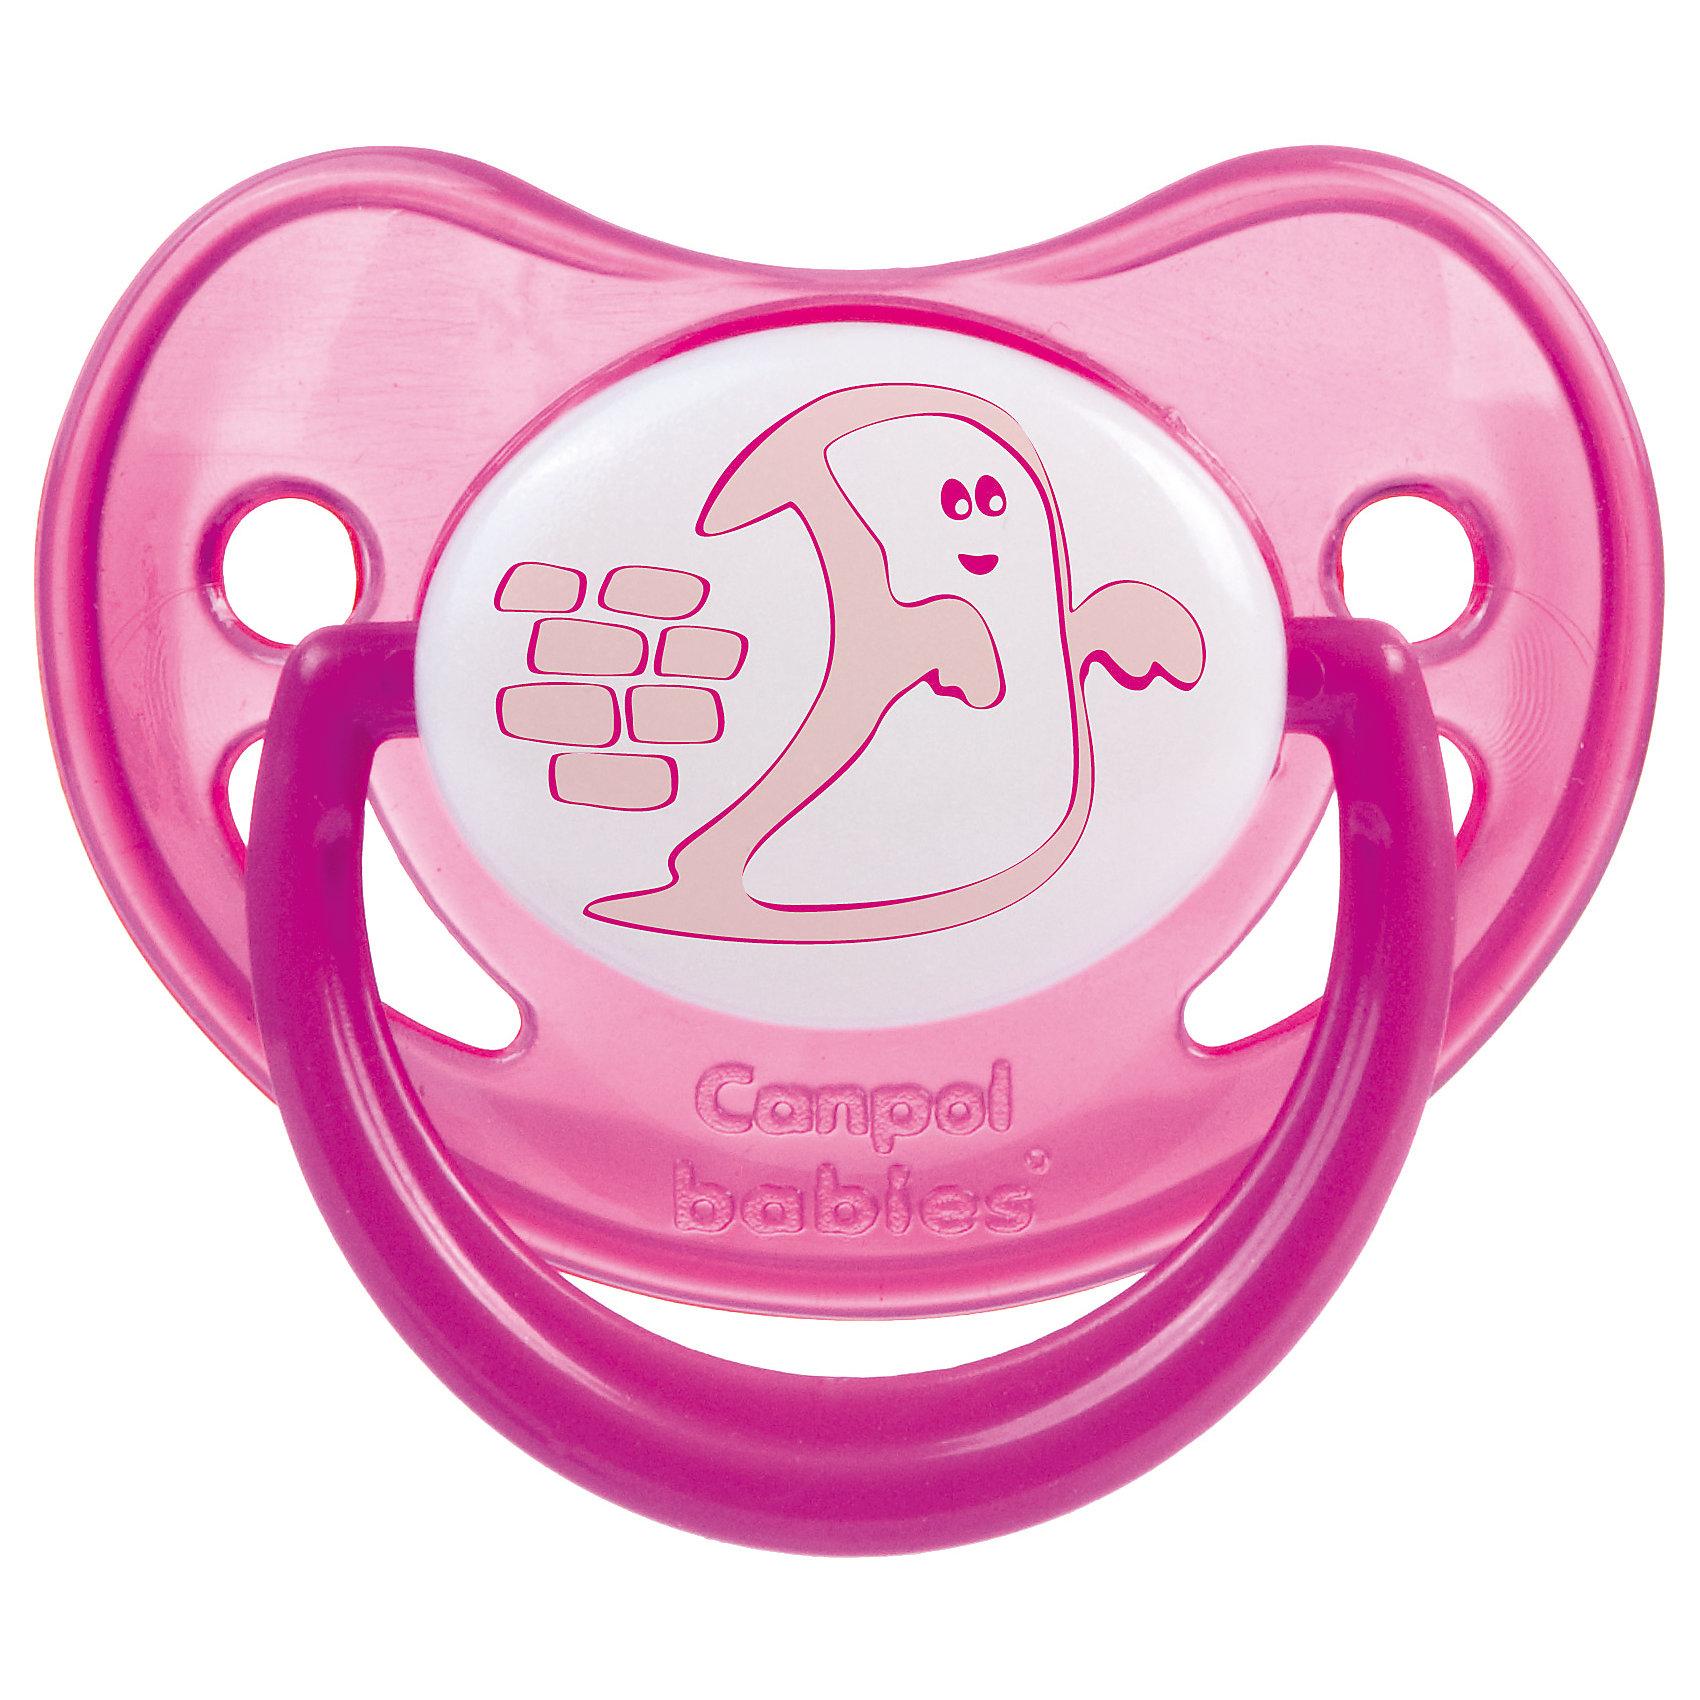 Canpol Babies Пустышка анатомическая силиконовая, 6-18 Night Dreams, Canpol Babies, розовый canpol babies набор соска пустышка с держателем волшебная сказка 0 6 мес саnpol babies розовый